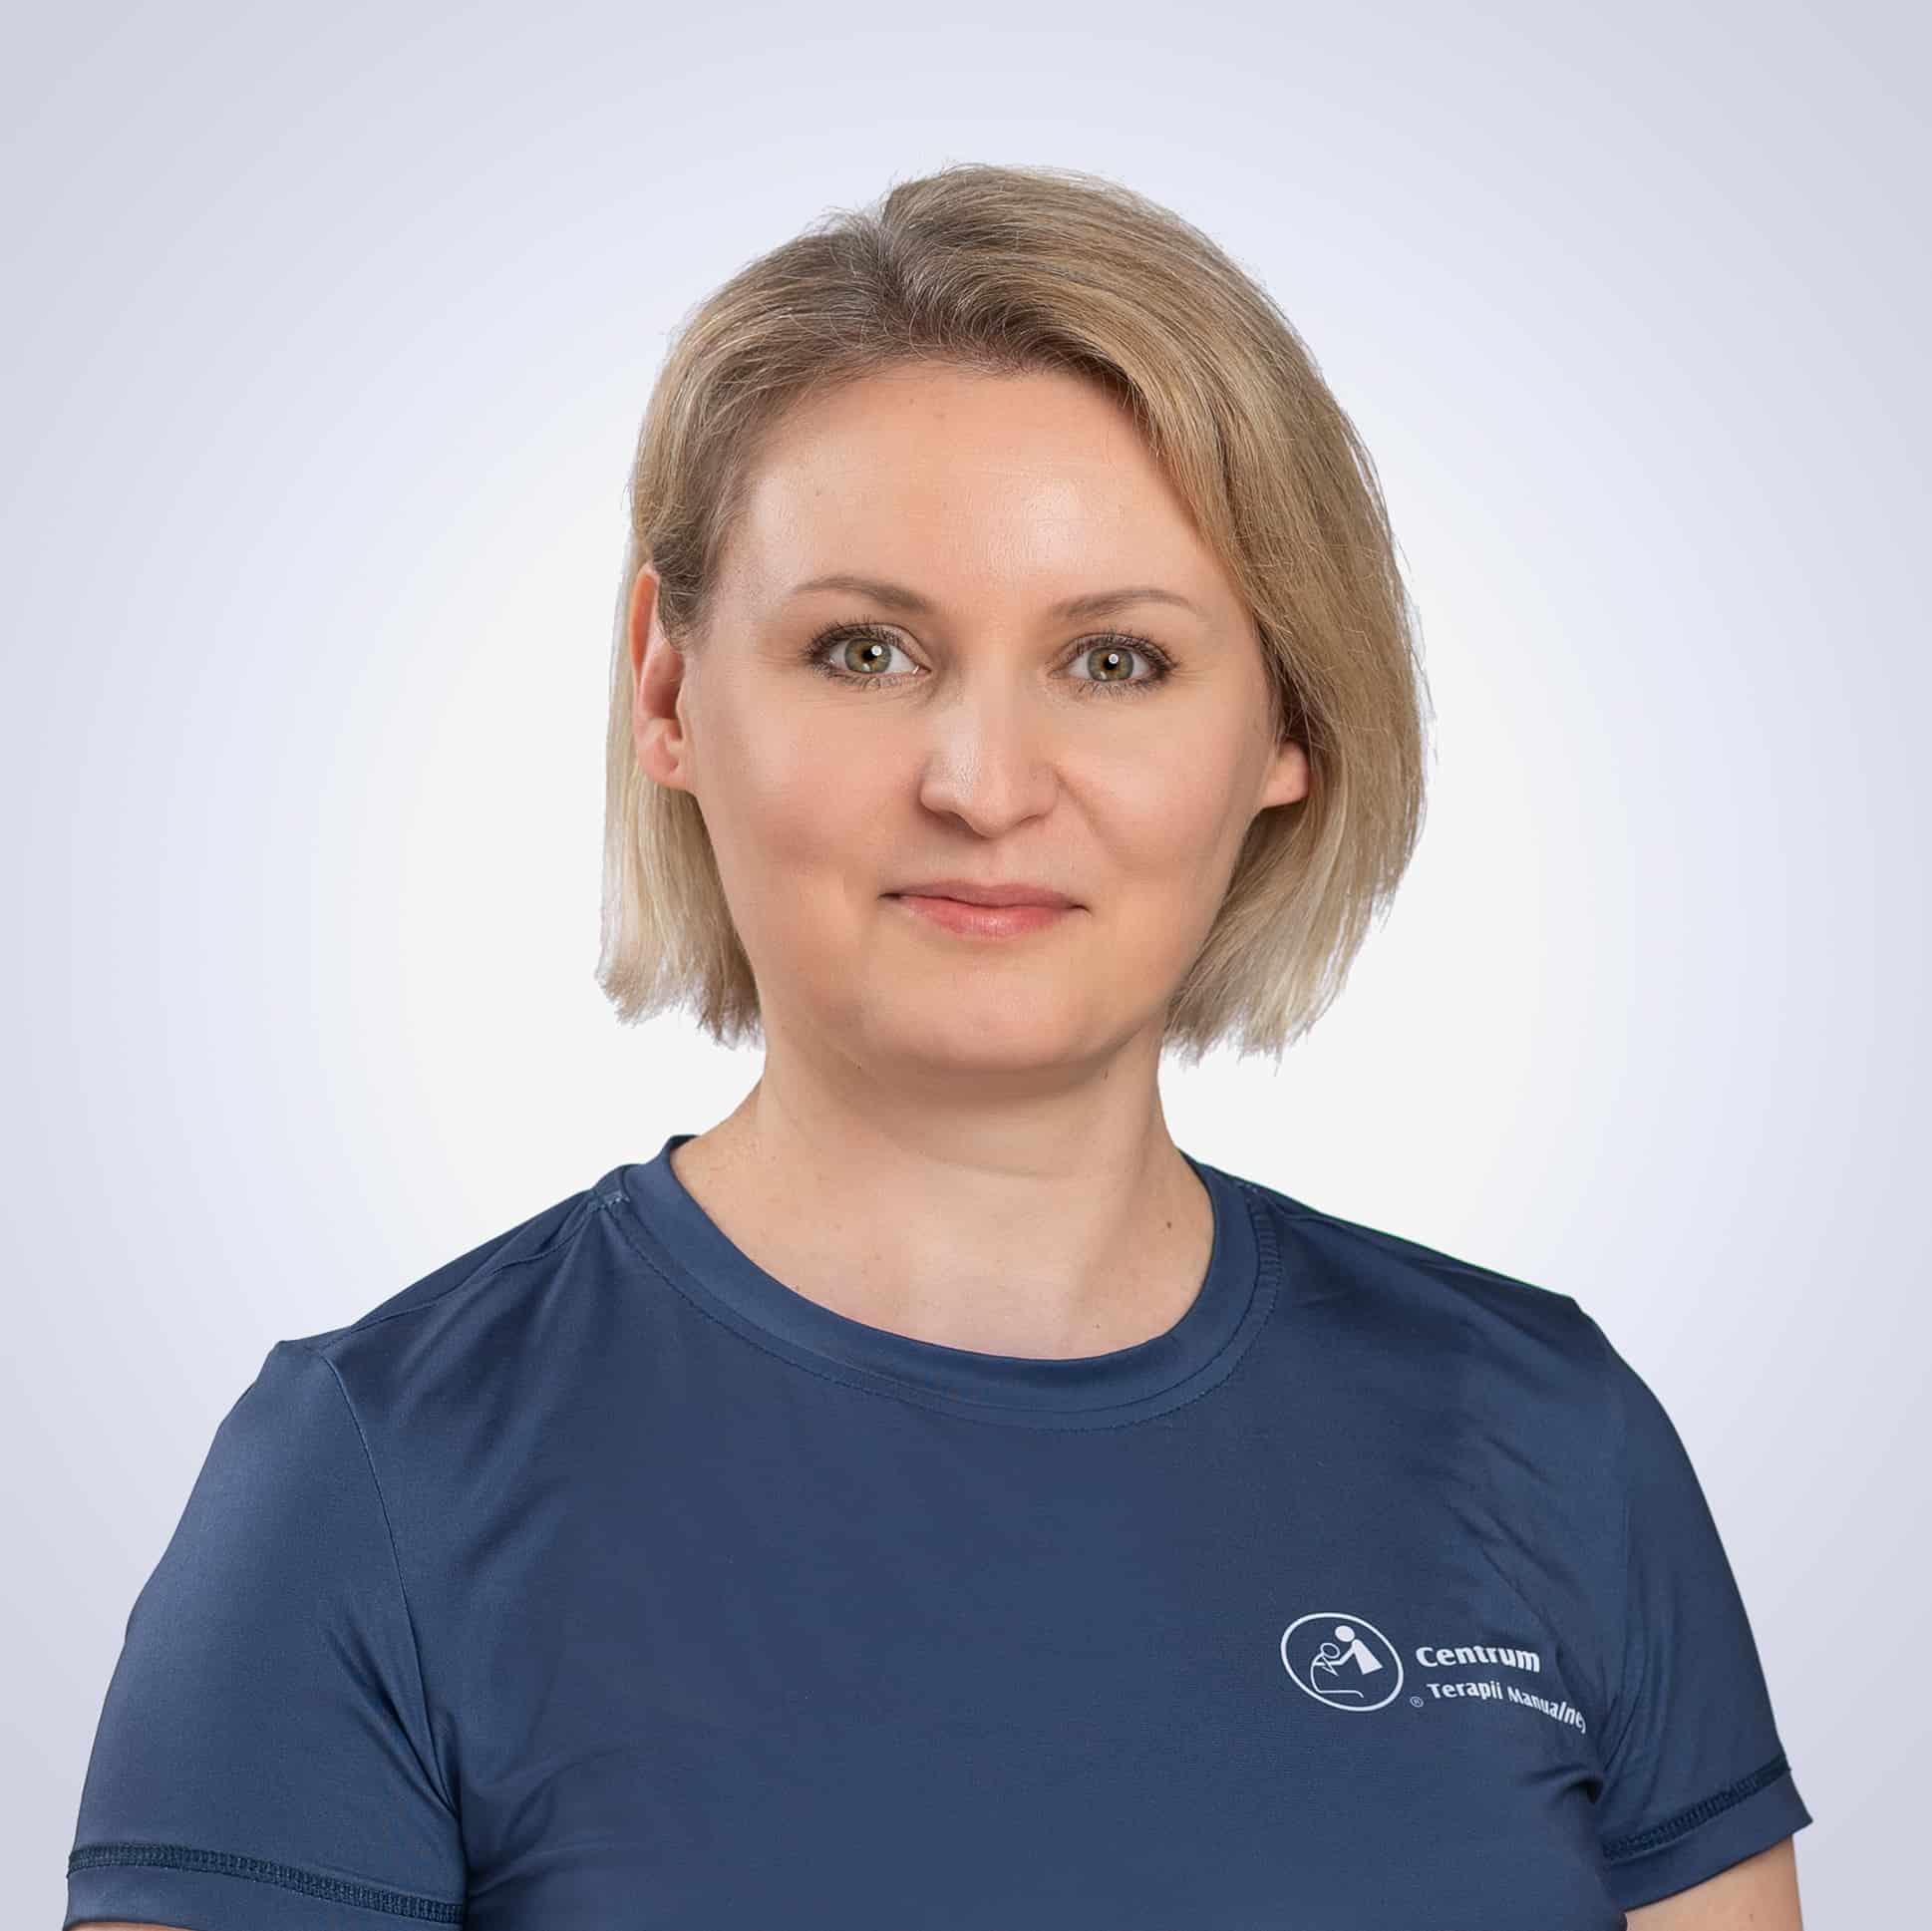 Justyna Sieracka